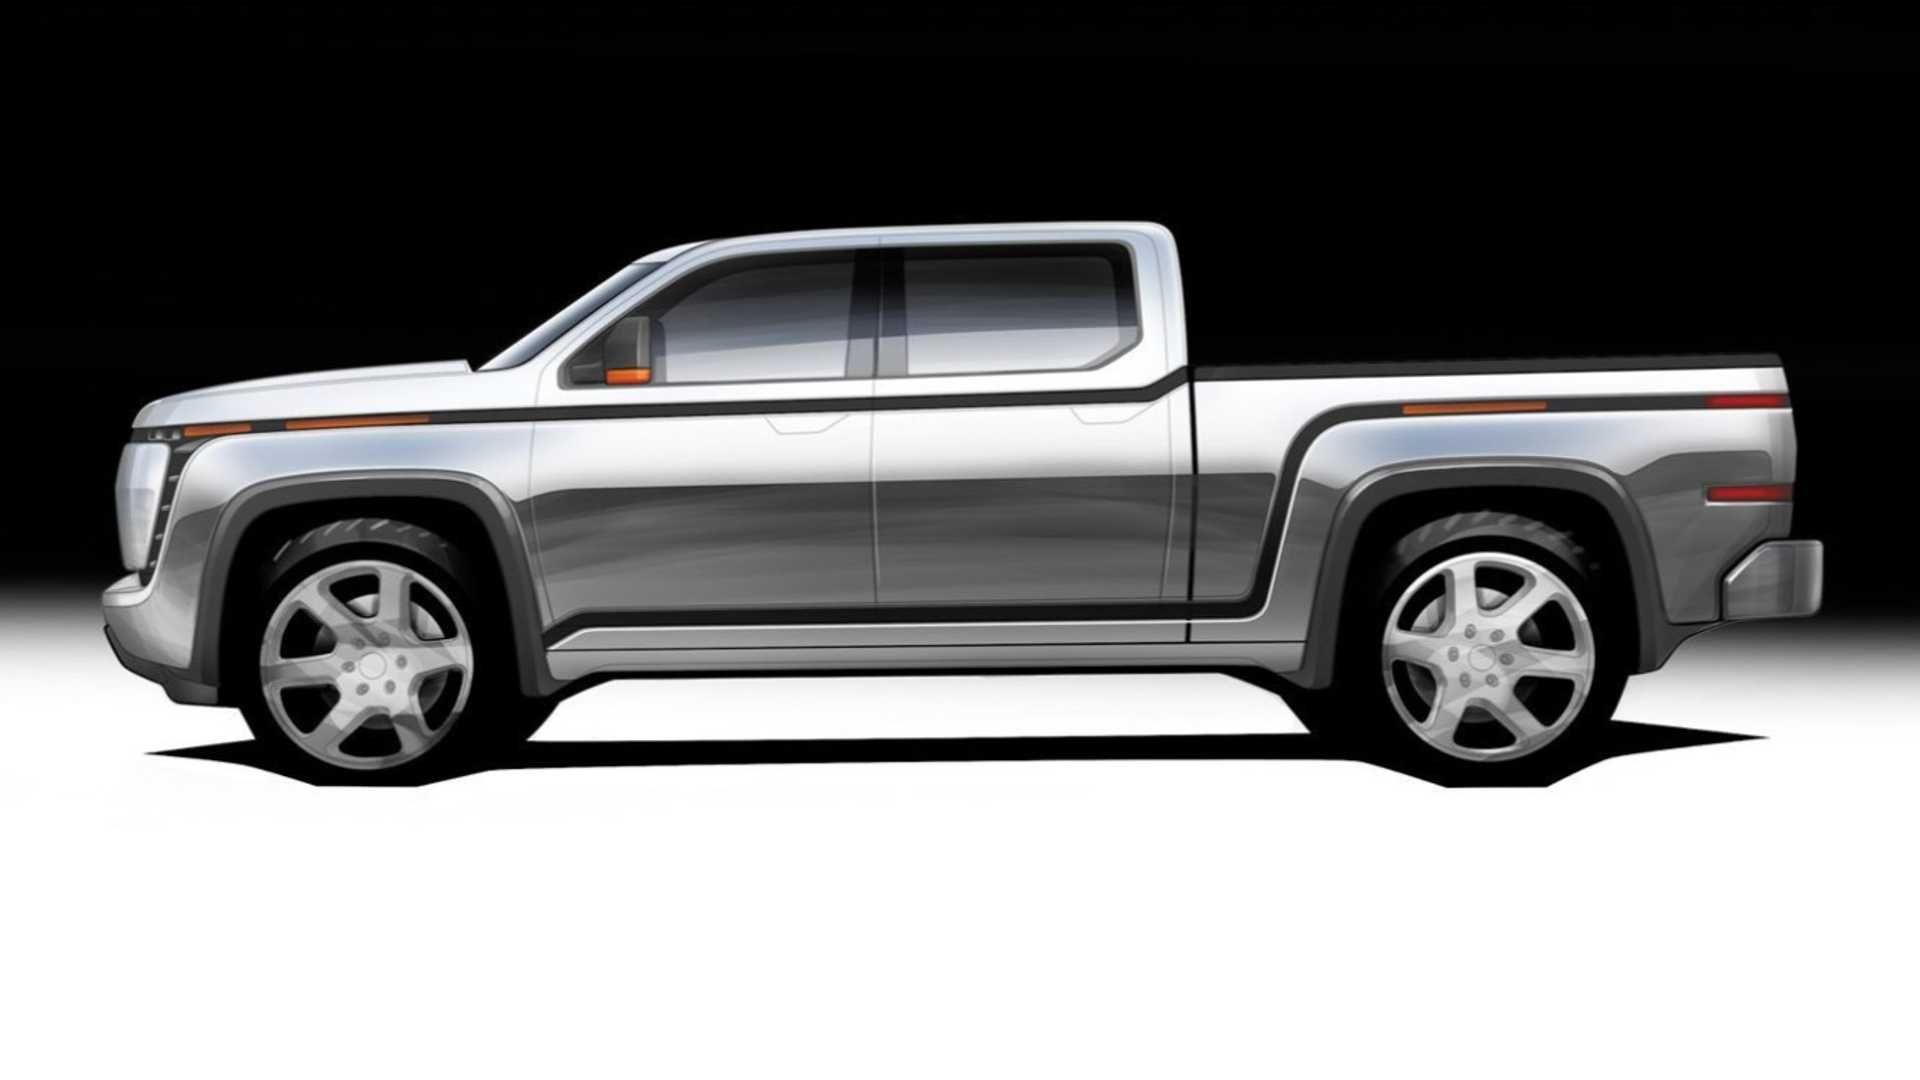 Фірма Lordstown Motors, що викупила автозавод GM, почала приймати депозити за електричний пікап Endurance